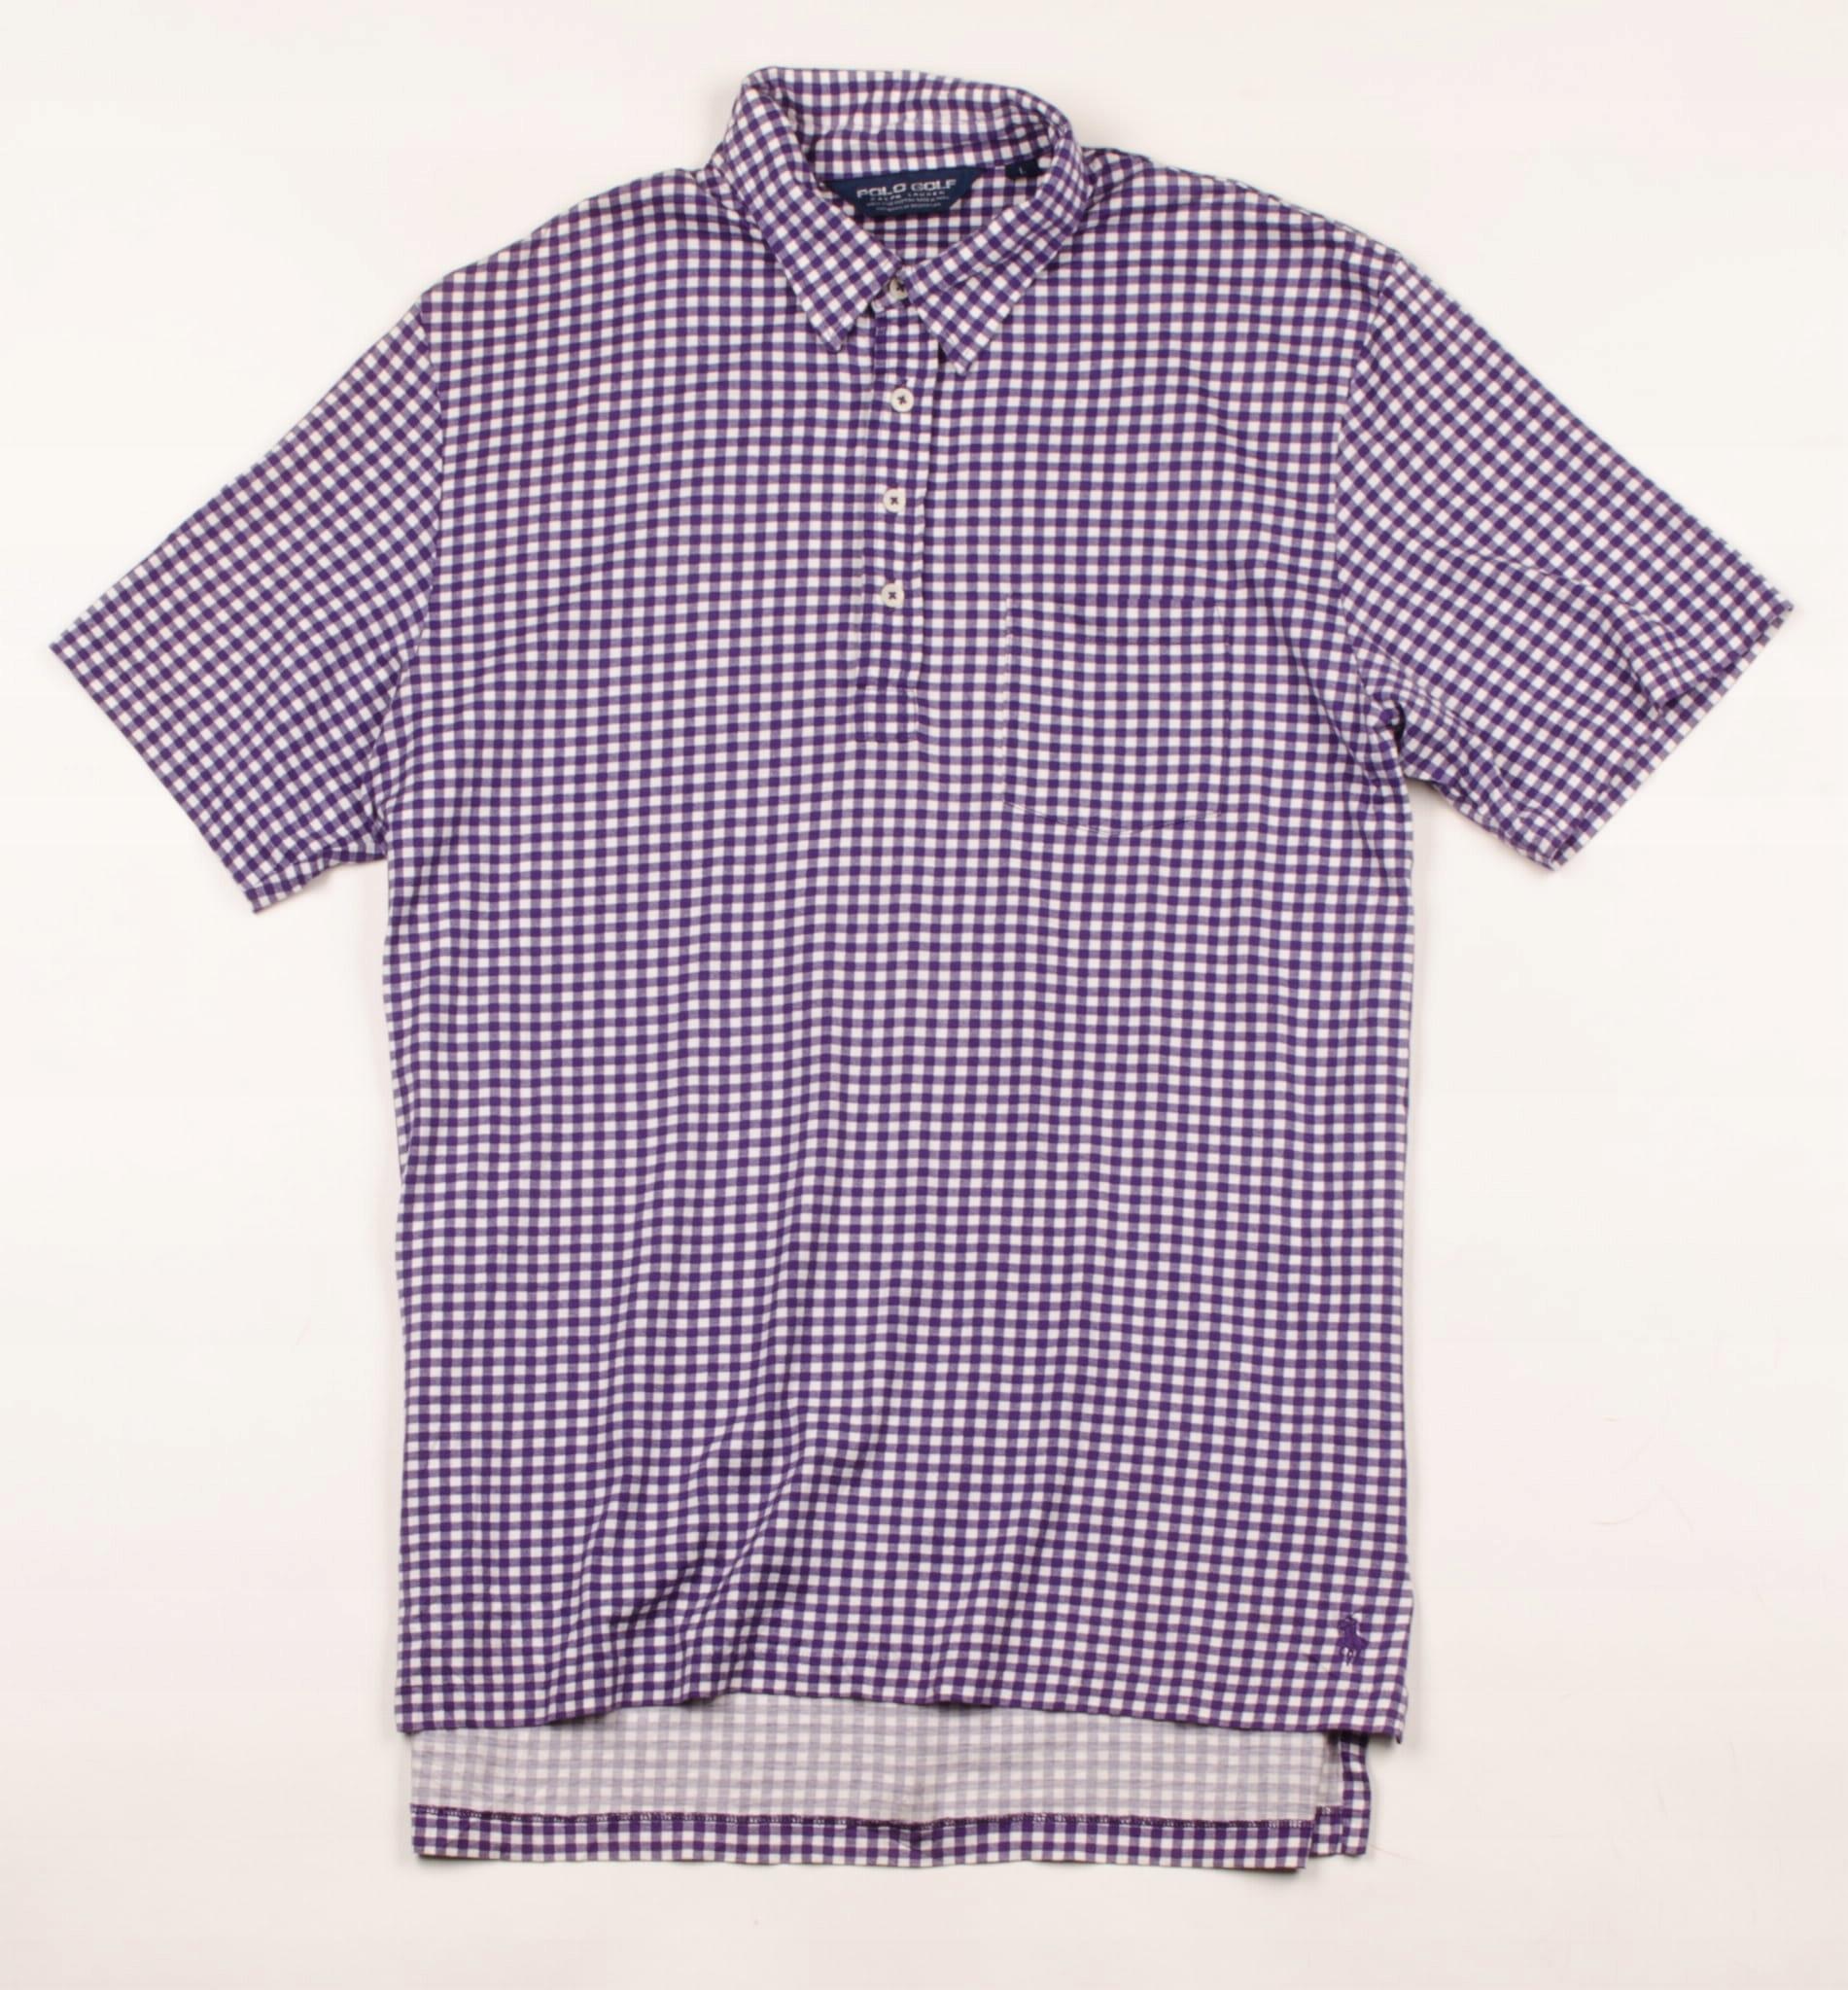 33159 Ralph Lauren Koszulka Polo Męska L